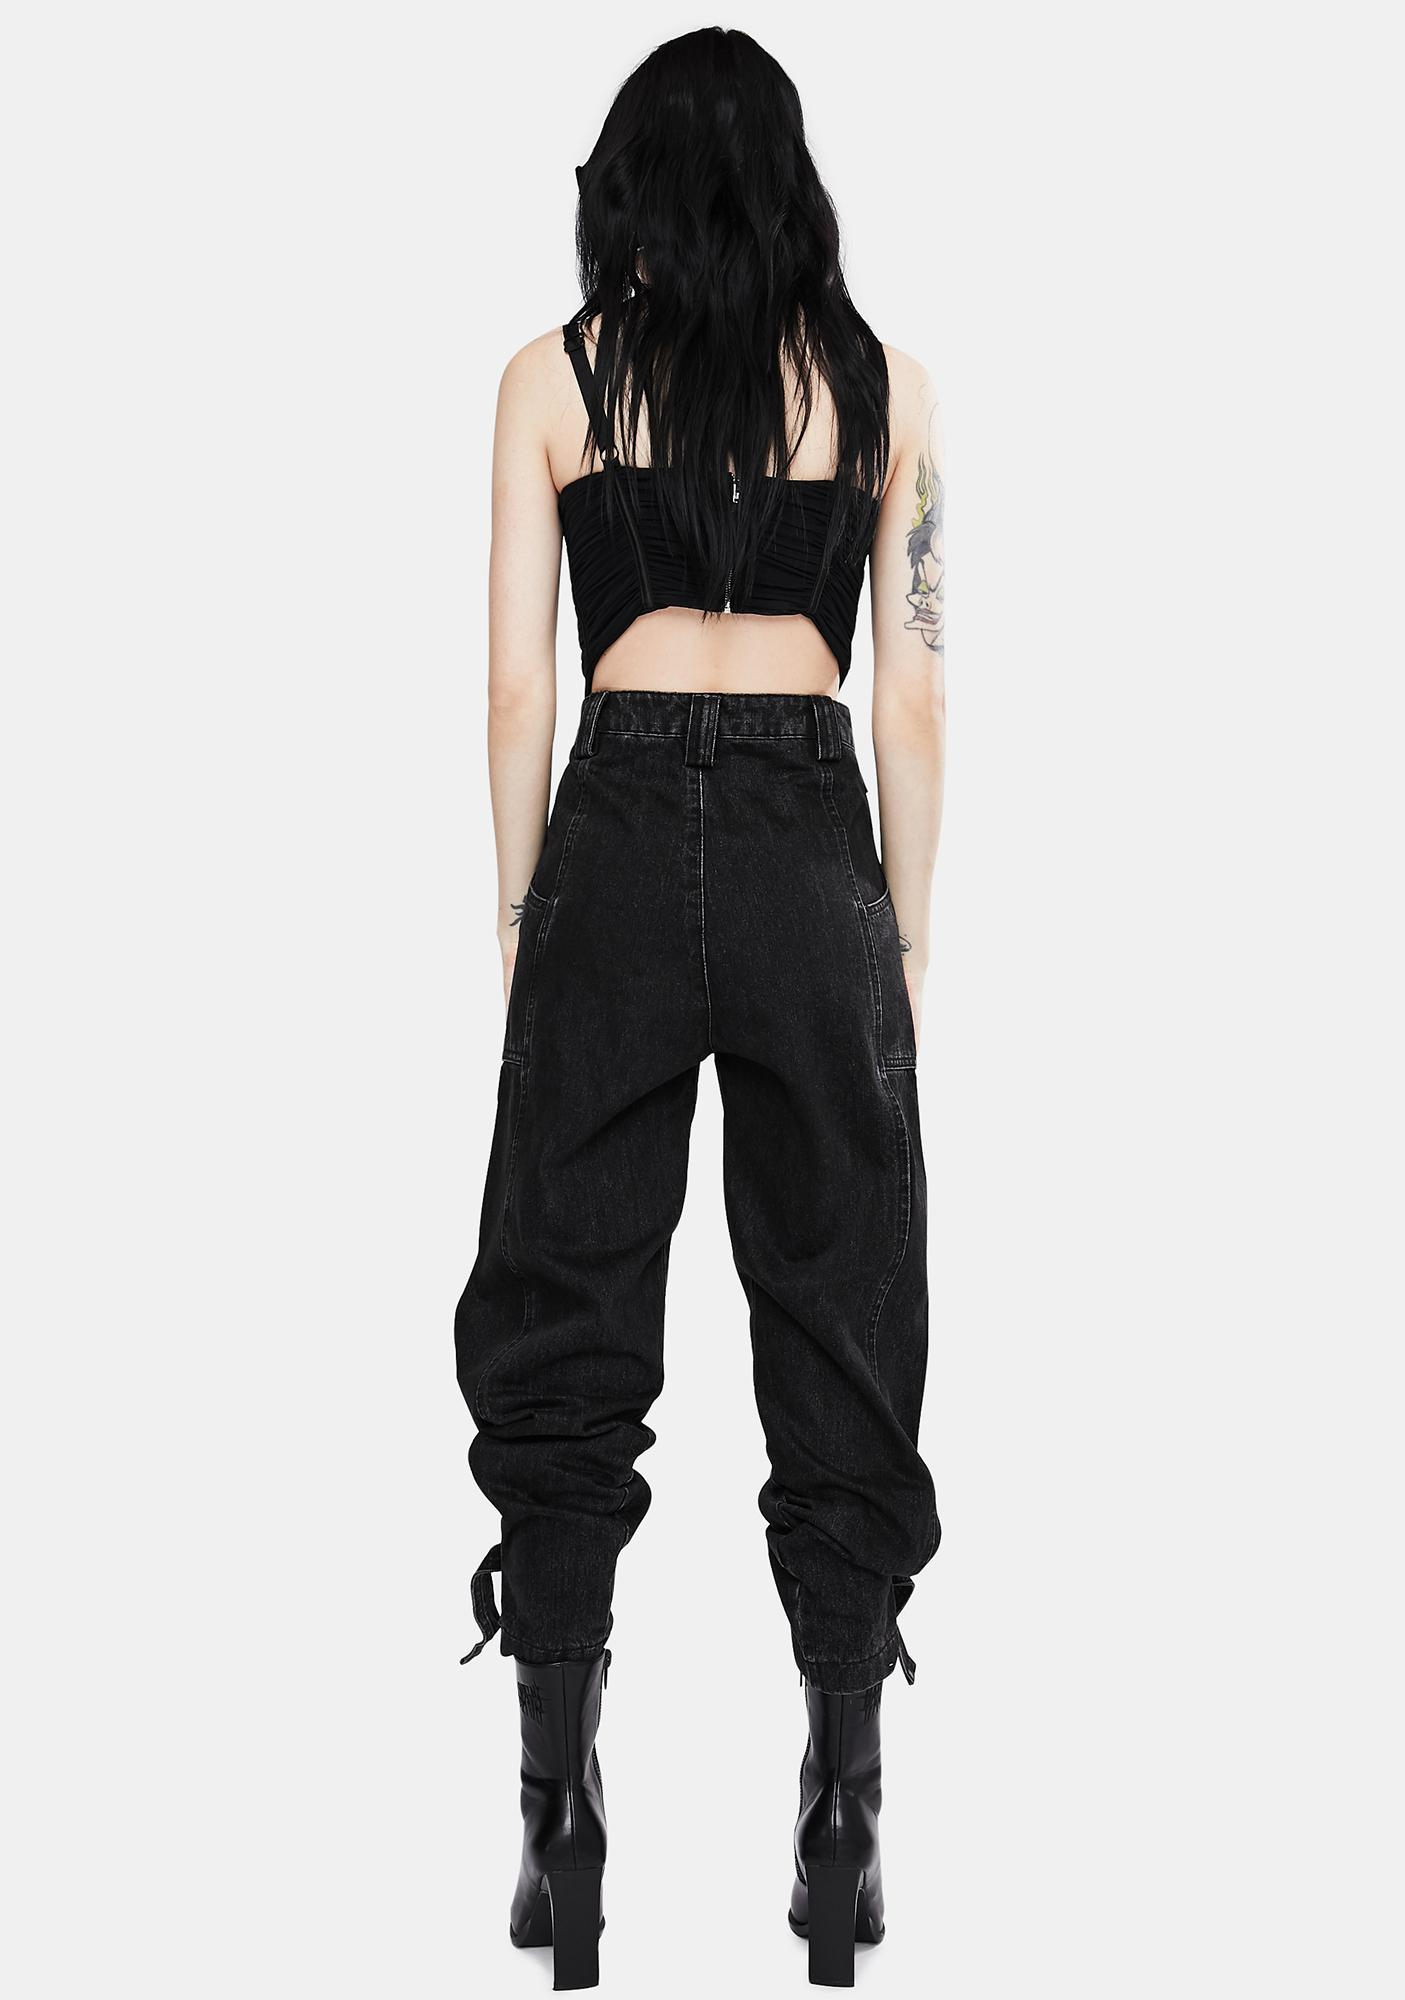 Neon Blonde Black Jolie High Waist Jeans